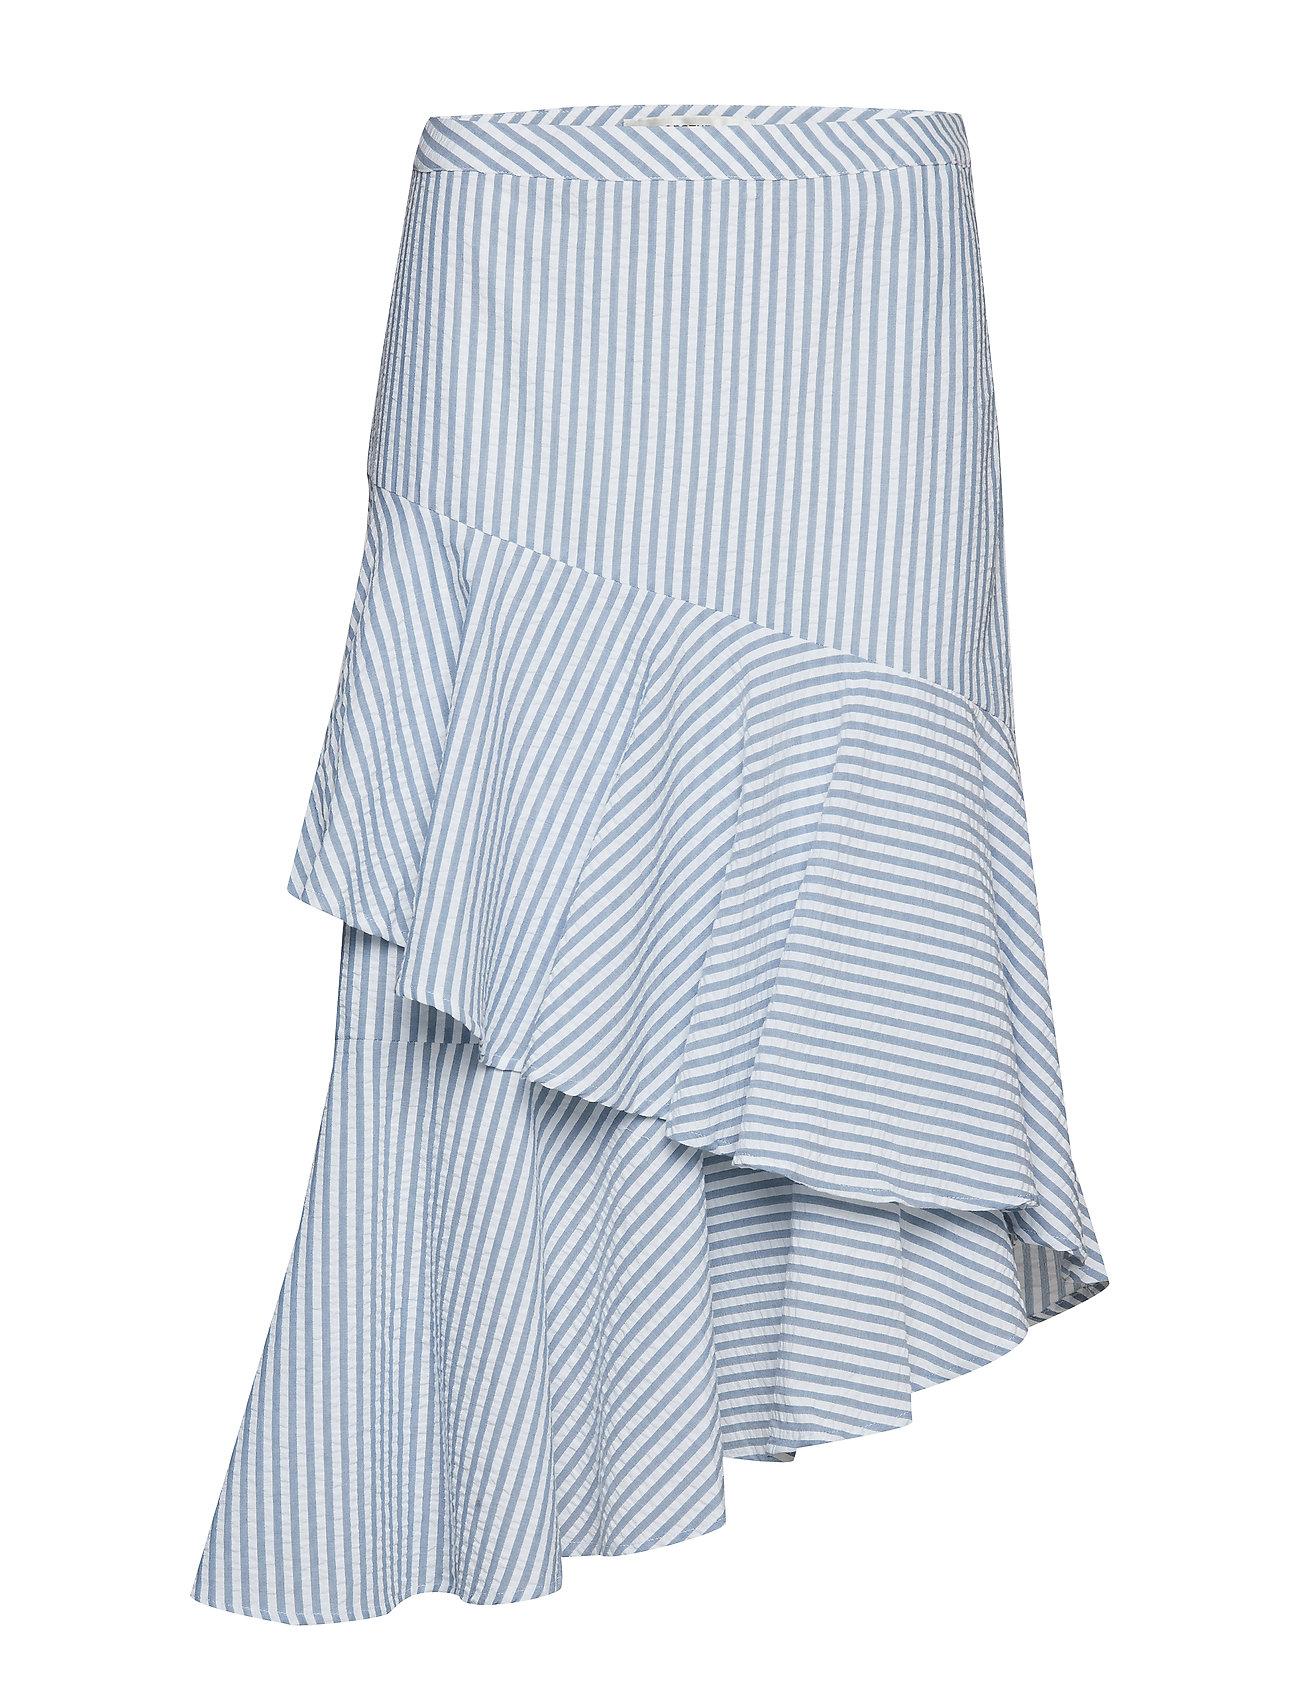 Ao19white Kitiagz Kitiagz WBlue StripesGestuz Skirt WDHIeY29E